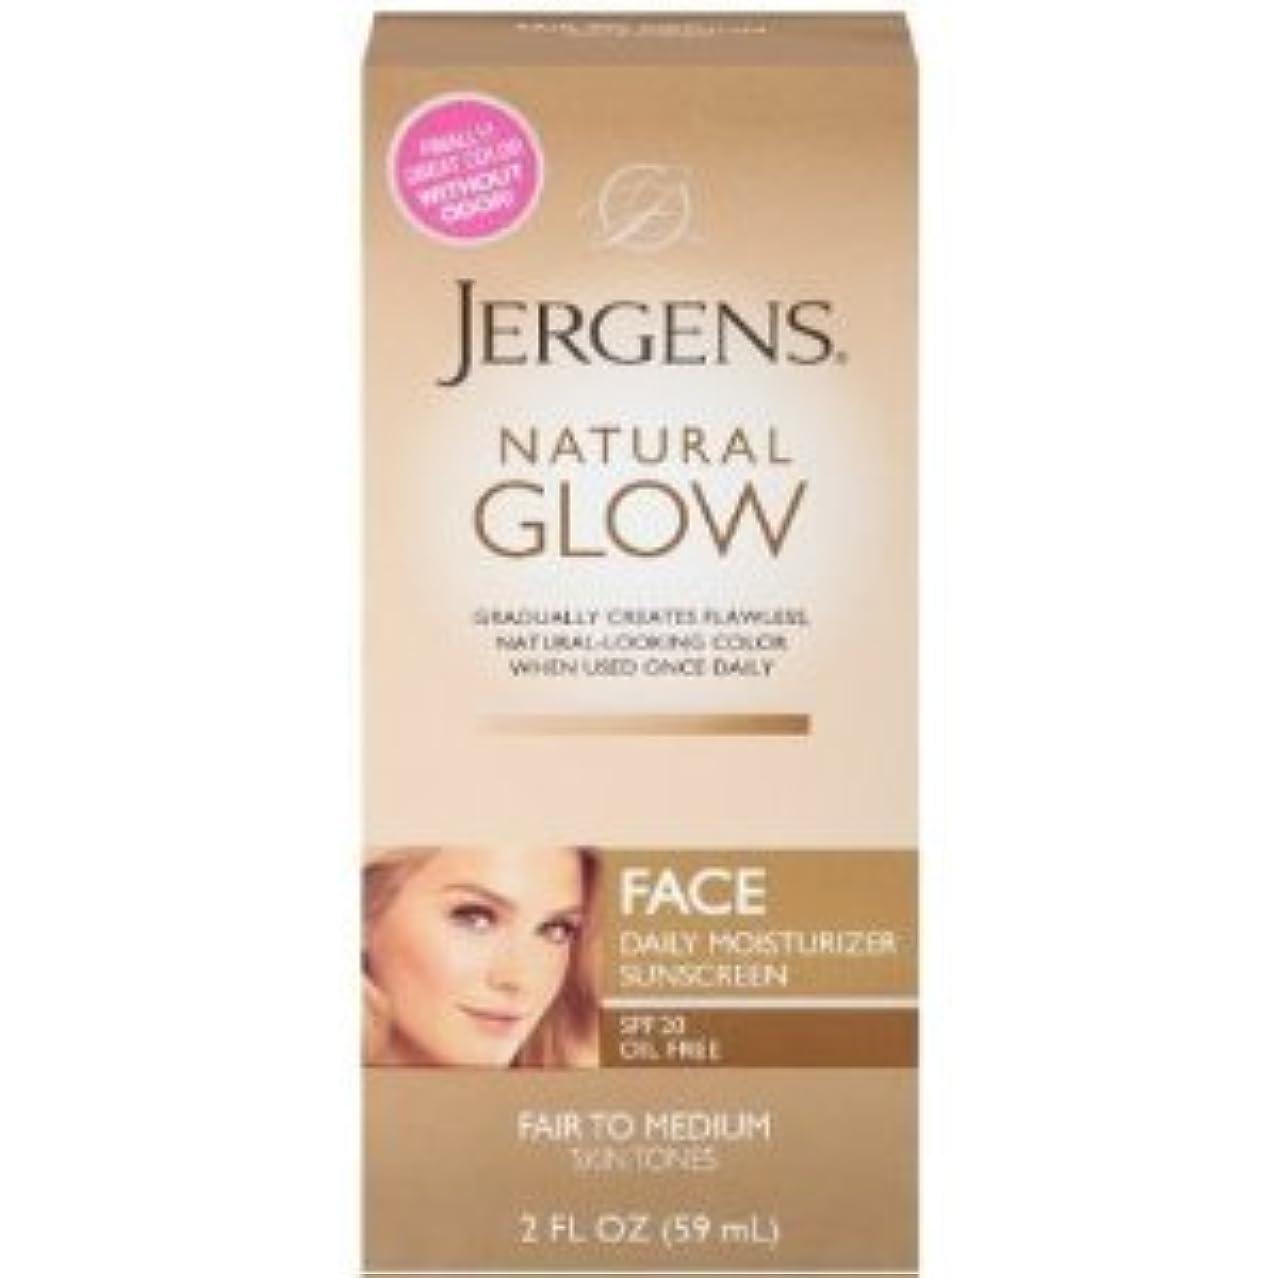 運動クスコ流用するNatural Glow Healthy Complexion Daily Facial Moisturizer, SPF 20, Fair to Medium Tan, (59ml) (海外直送品)